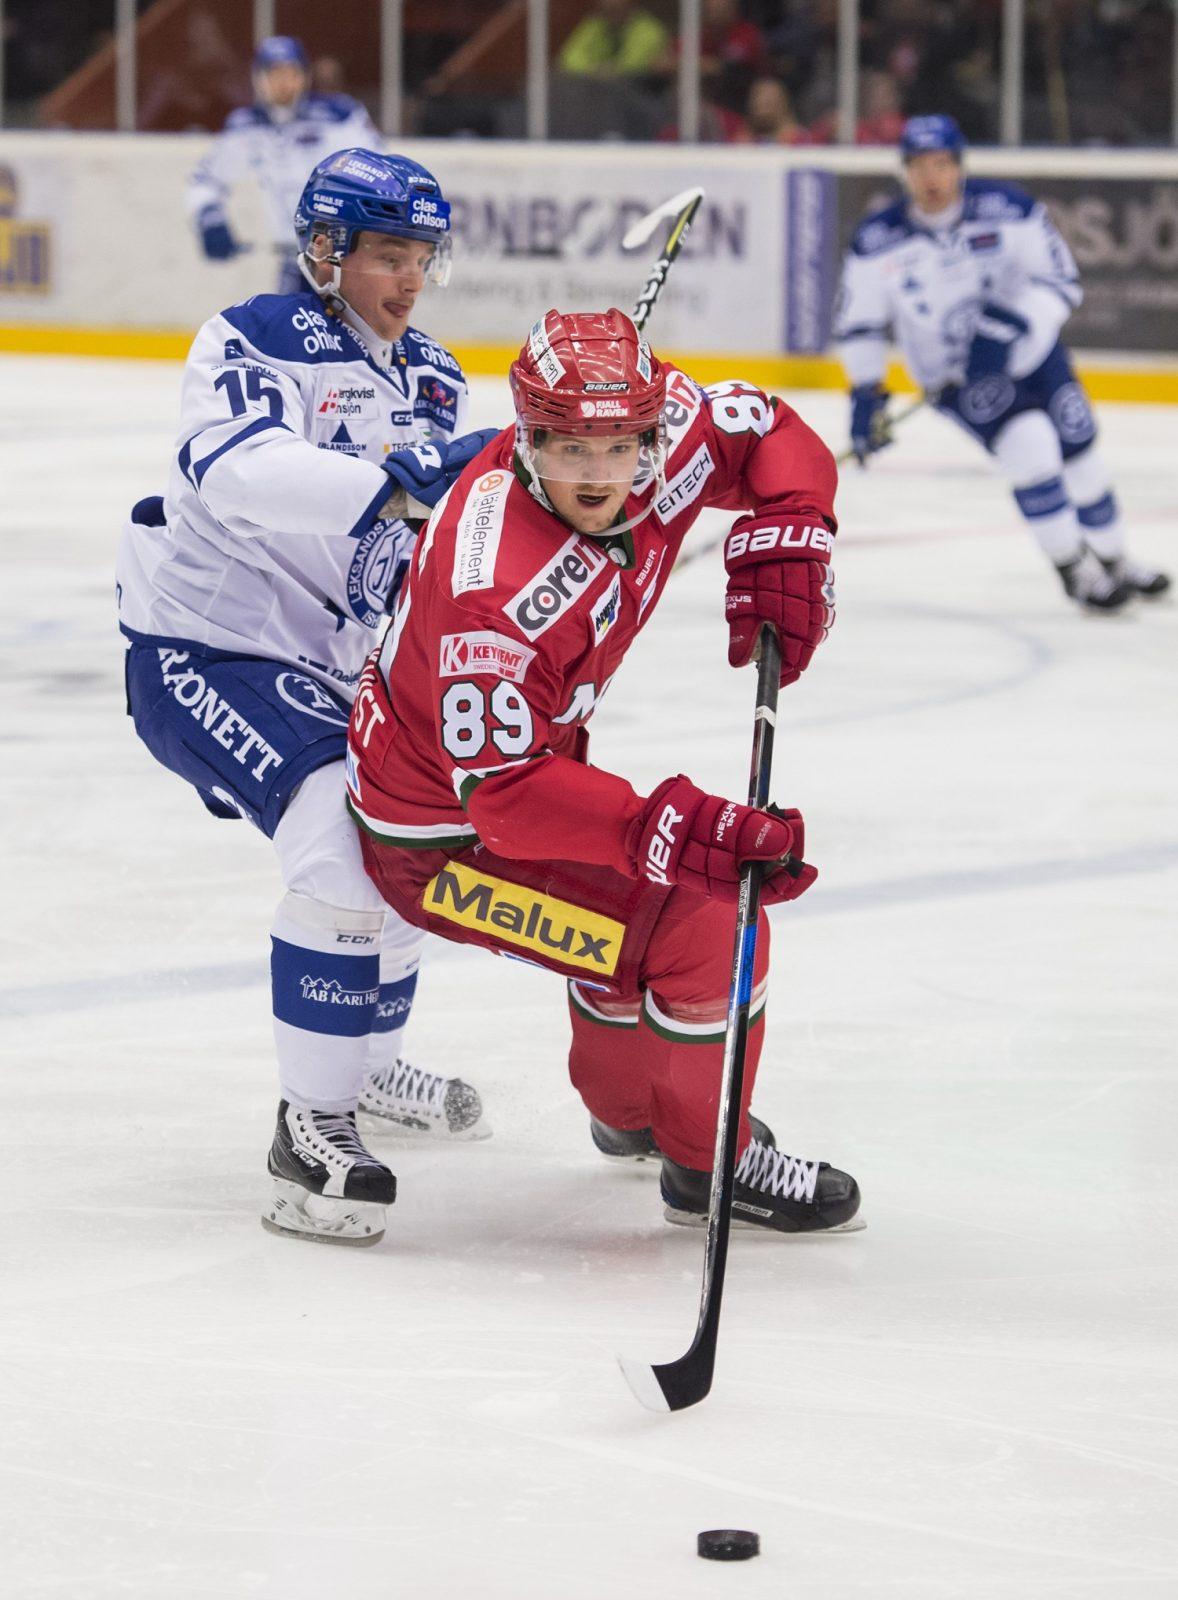 HEDLUND: Så slutar Hockeyallsvenskan 2018/2019 – plats 3-6